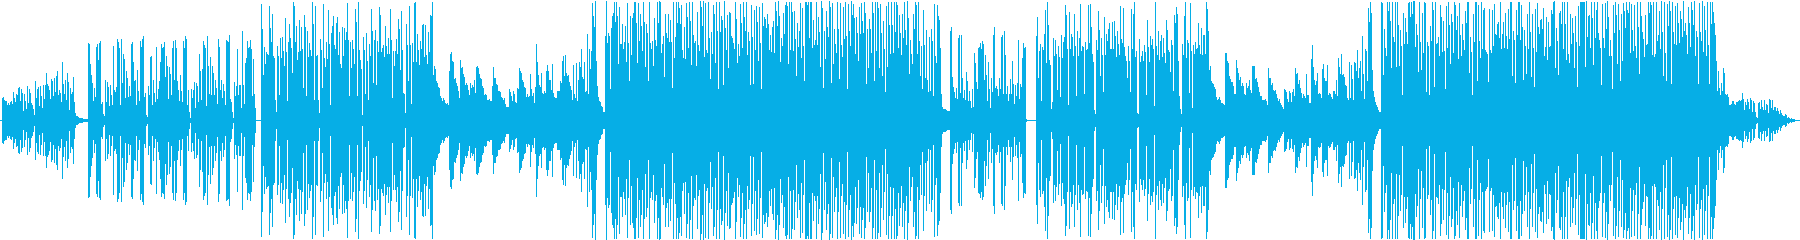 不思議な雰囲気の3拍子っぽい4拍子R&Bの再生済みの波形